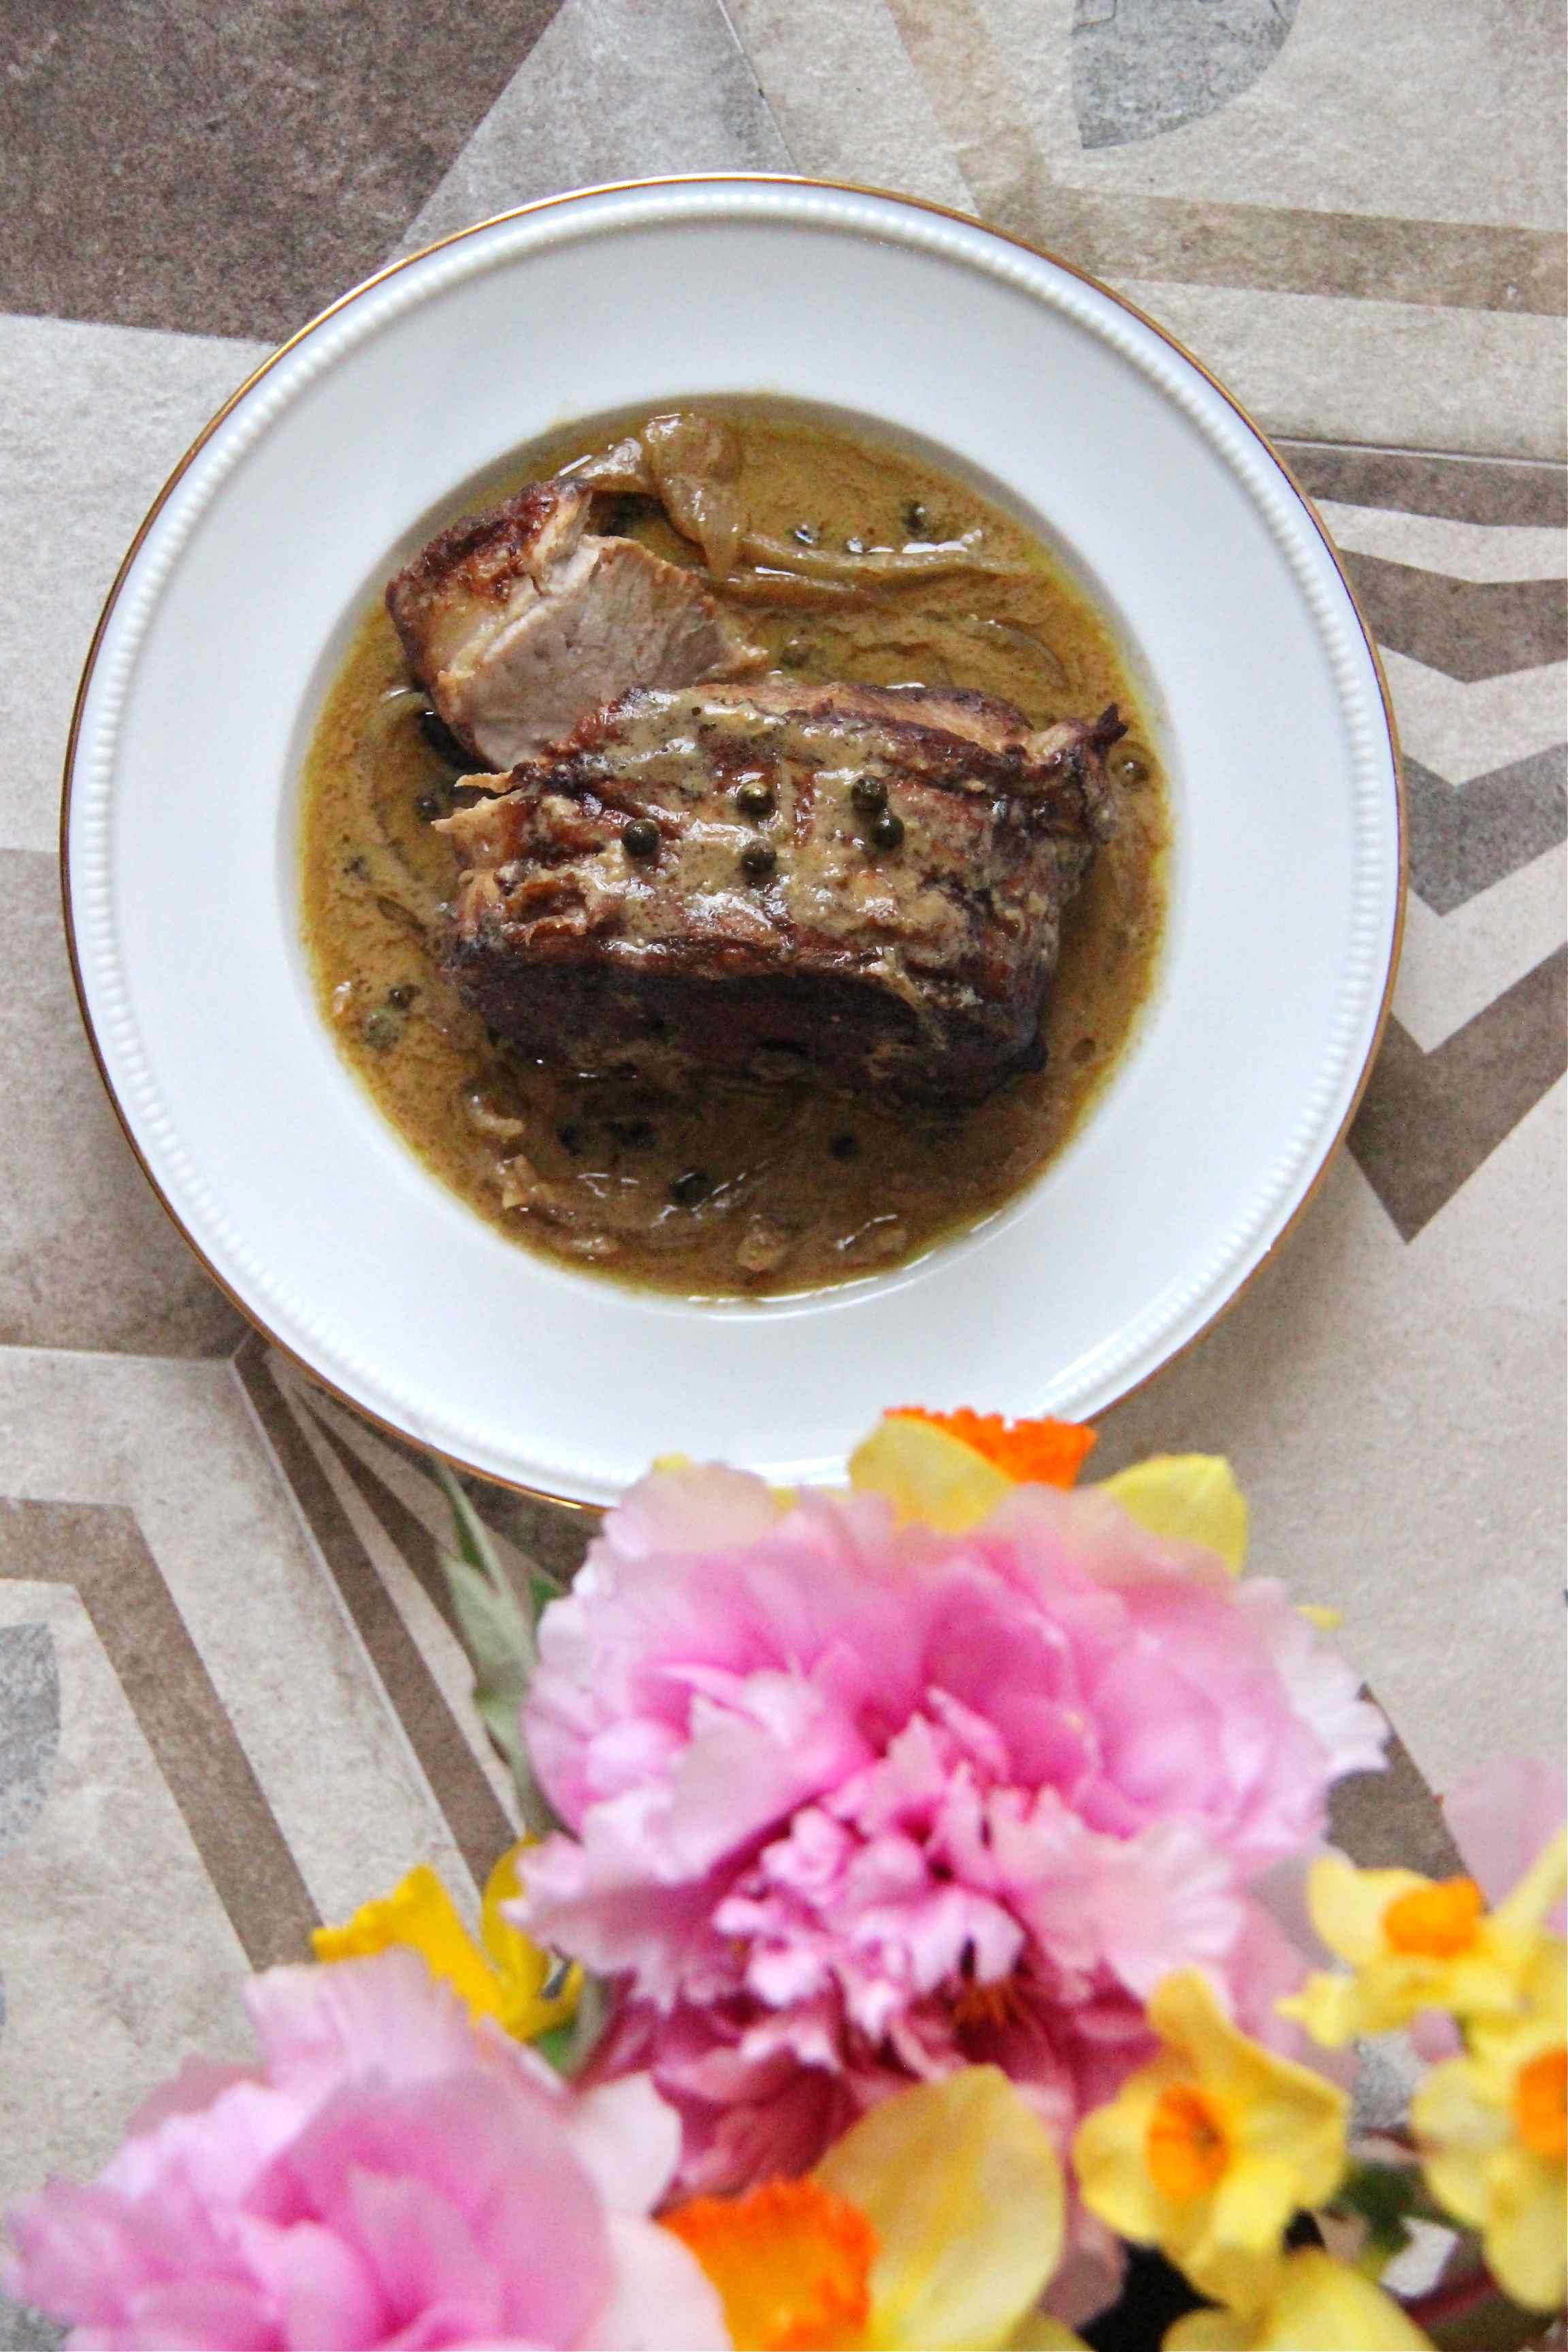 Rôti de porc au poivre vert et fleurs de printemps